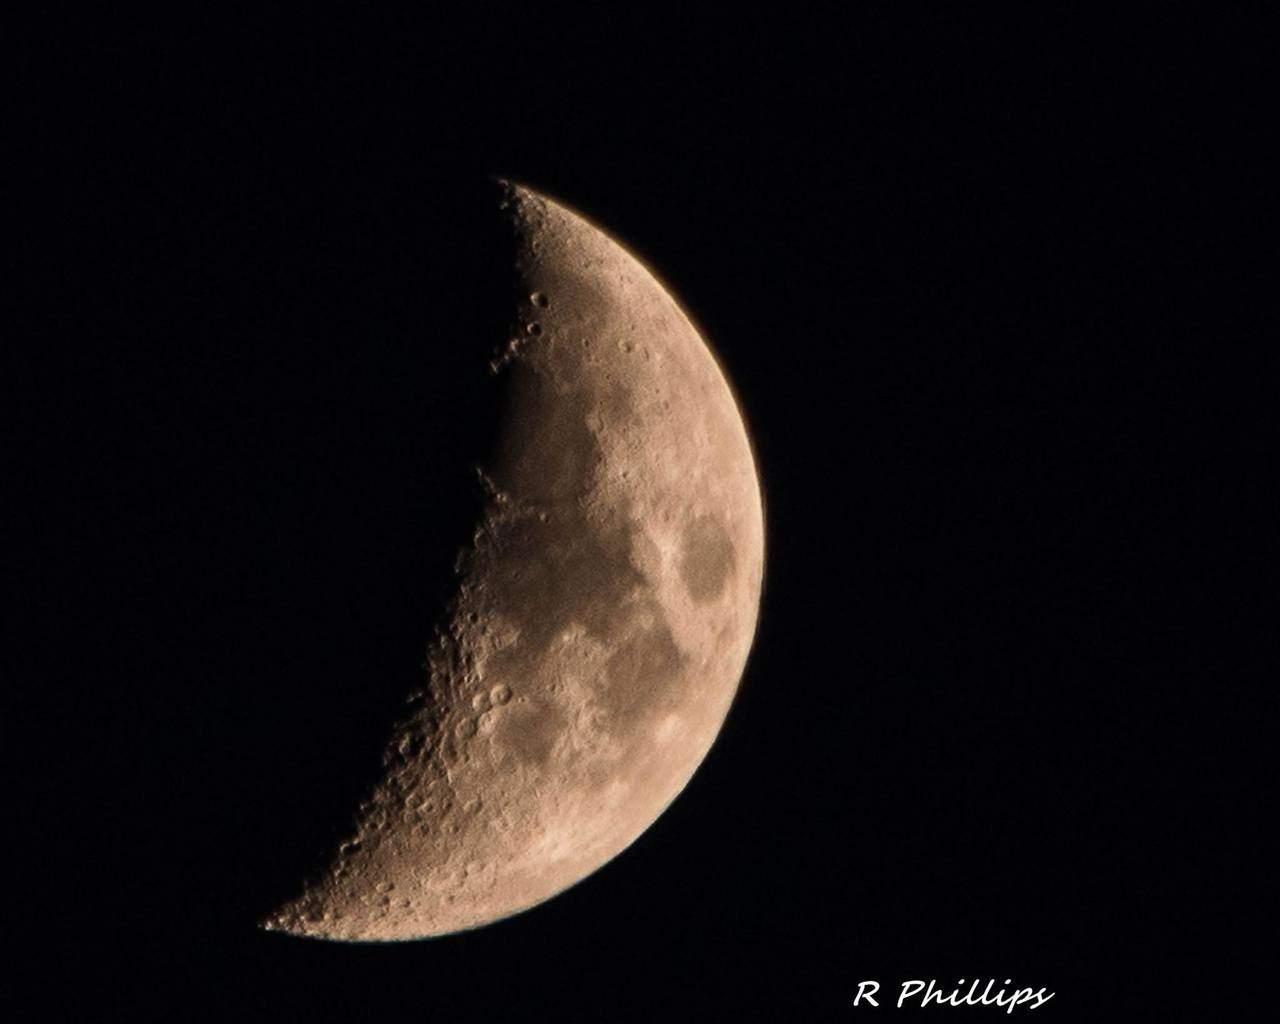 Moon over San Antonio tonight.